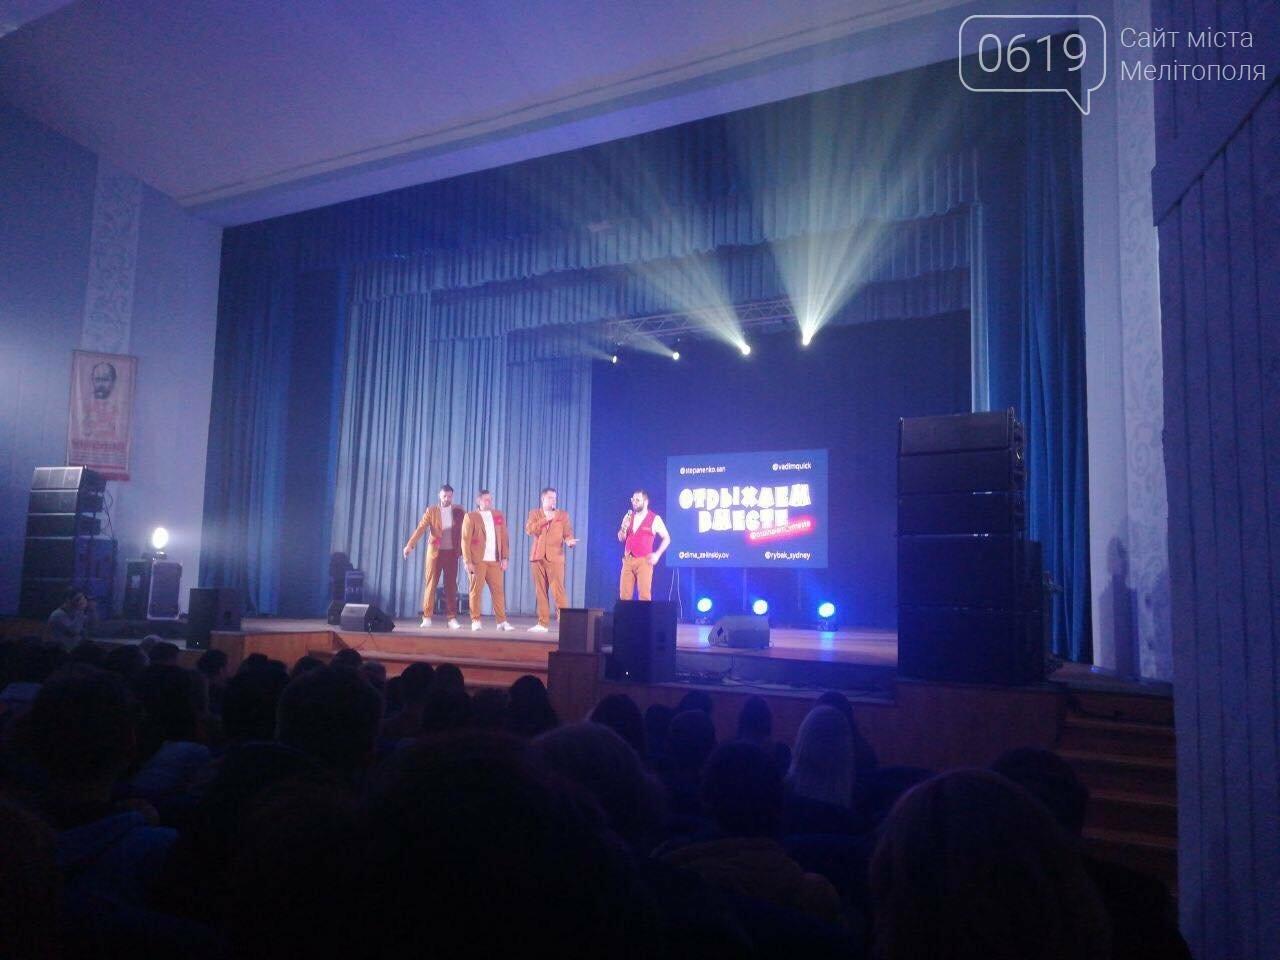 """Звезды """"Лиги смеха"""" отмечают юбилей в Мелитополе , фото-3"""